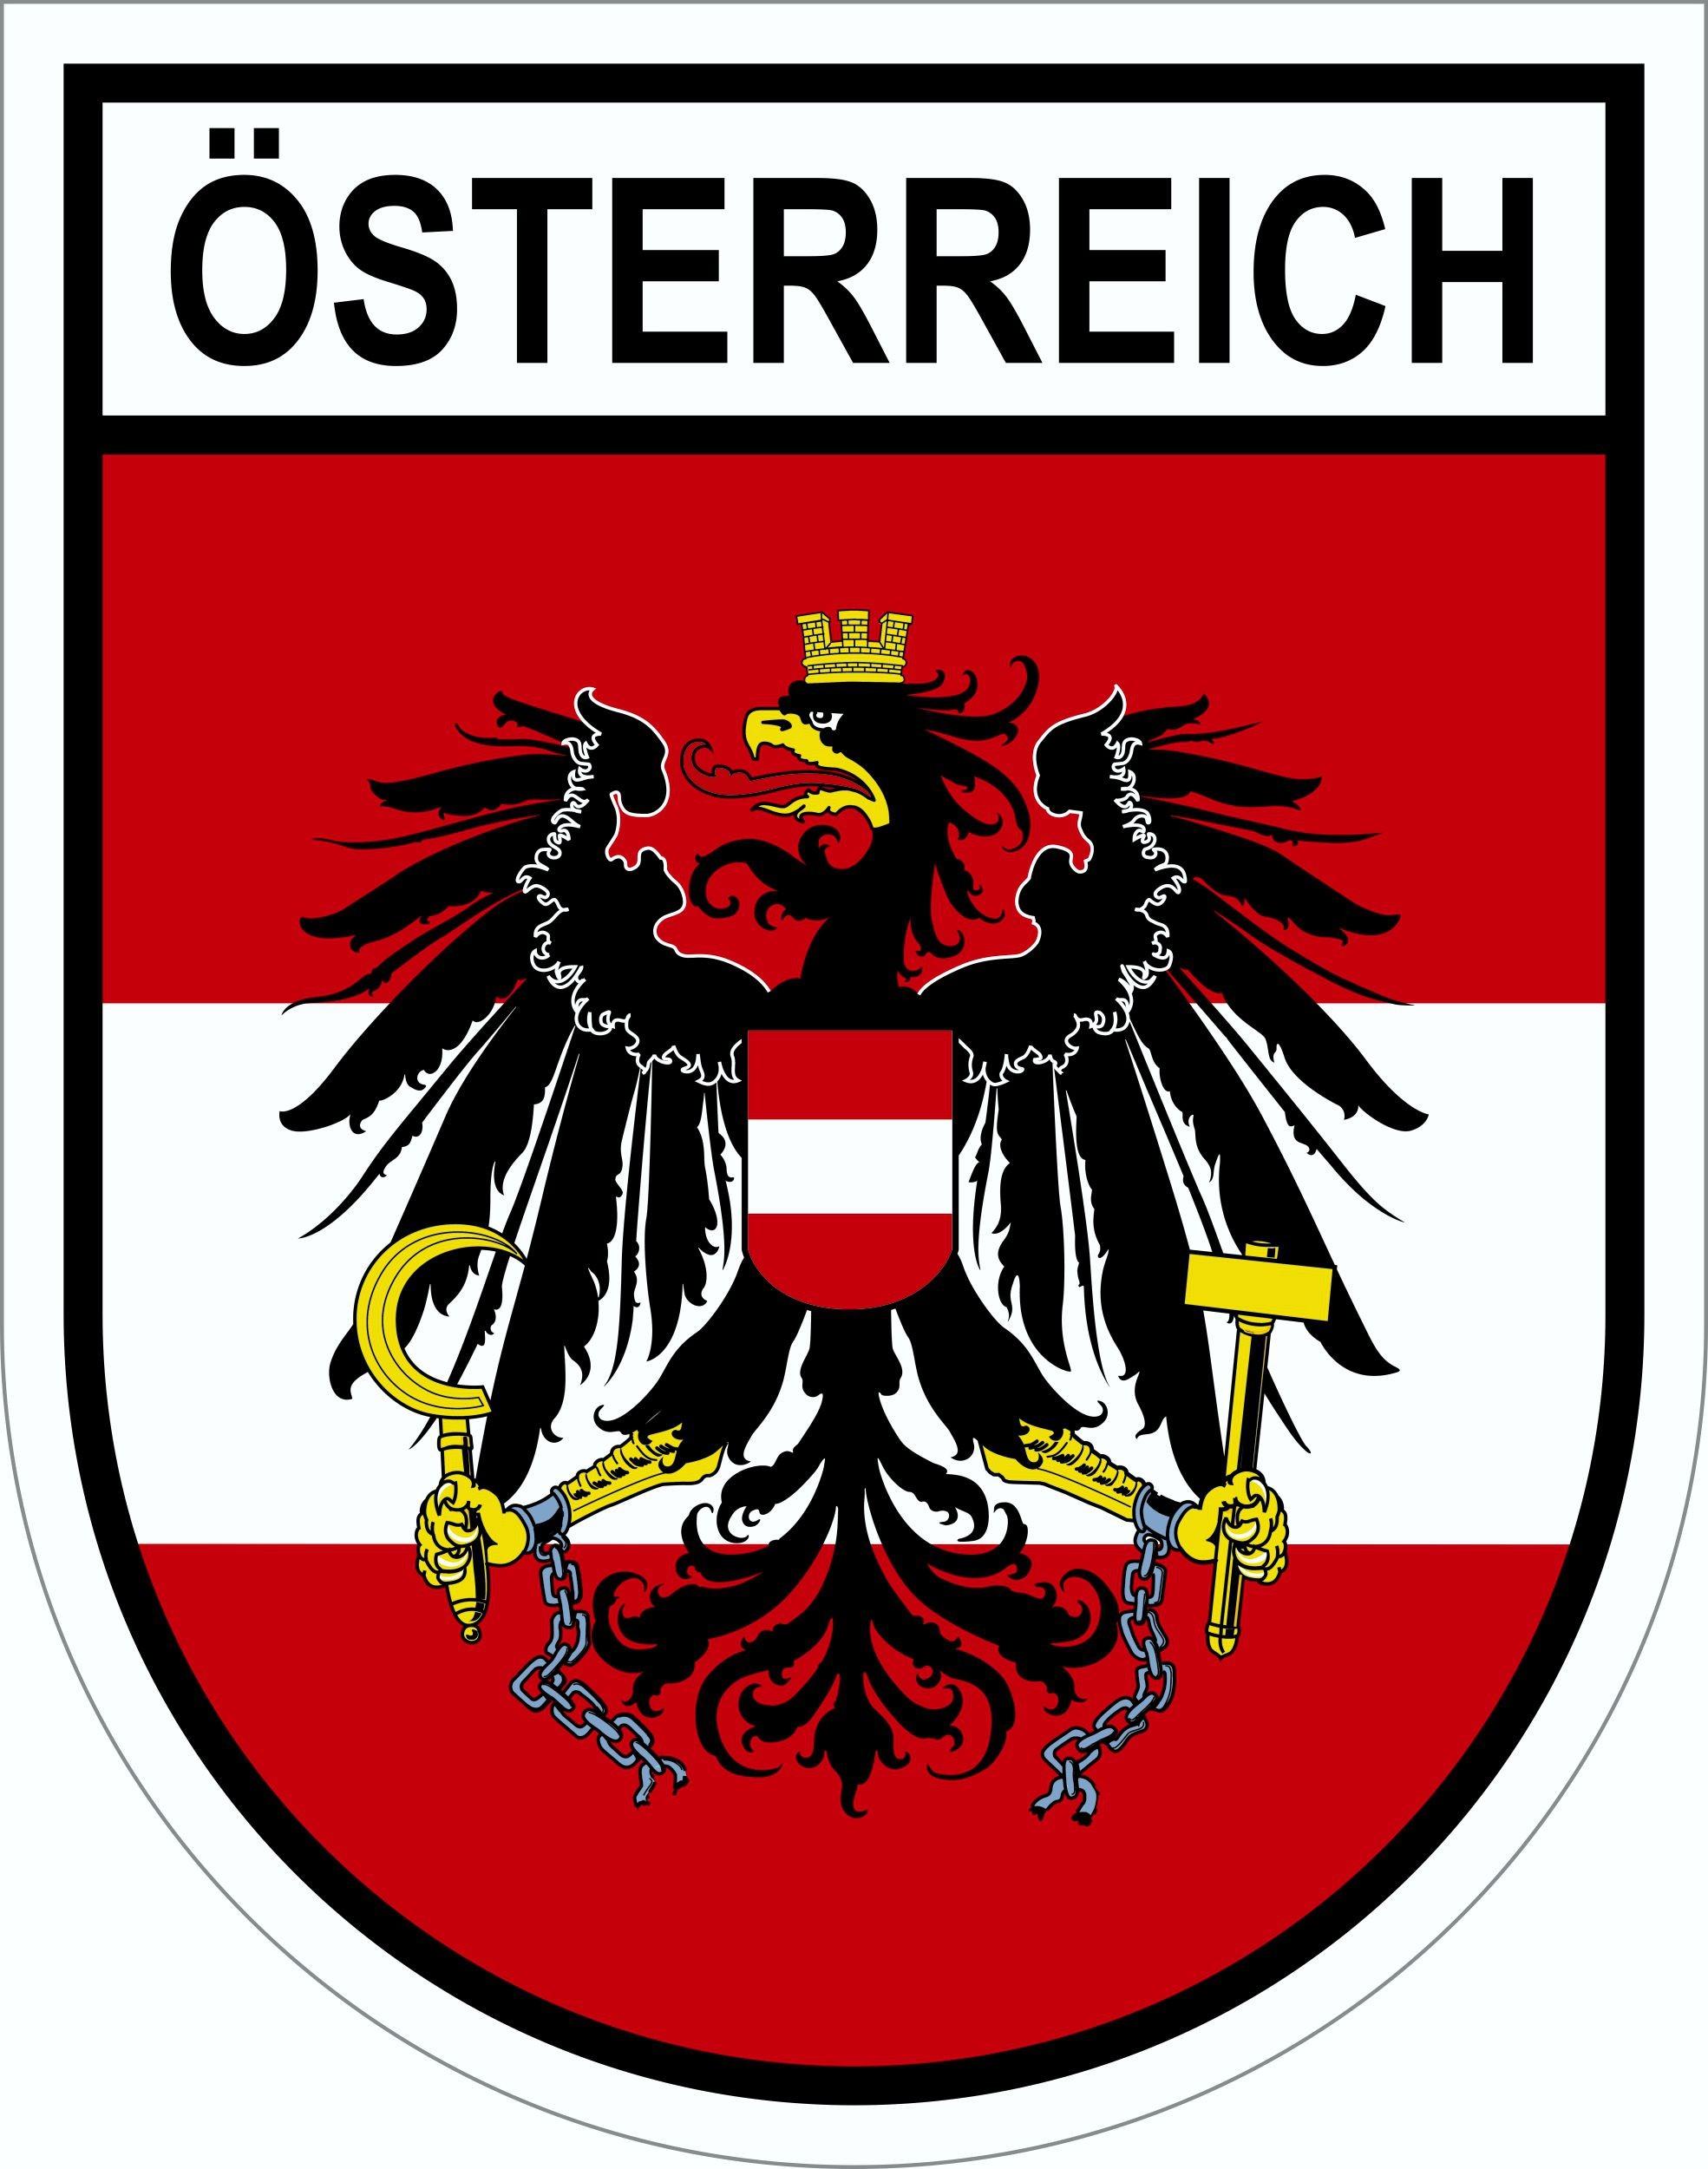 Aufkleber Wappen Österreich 80 x 65 mm – Bild 1